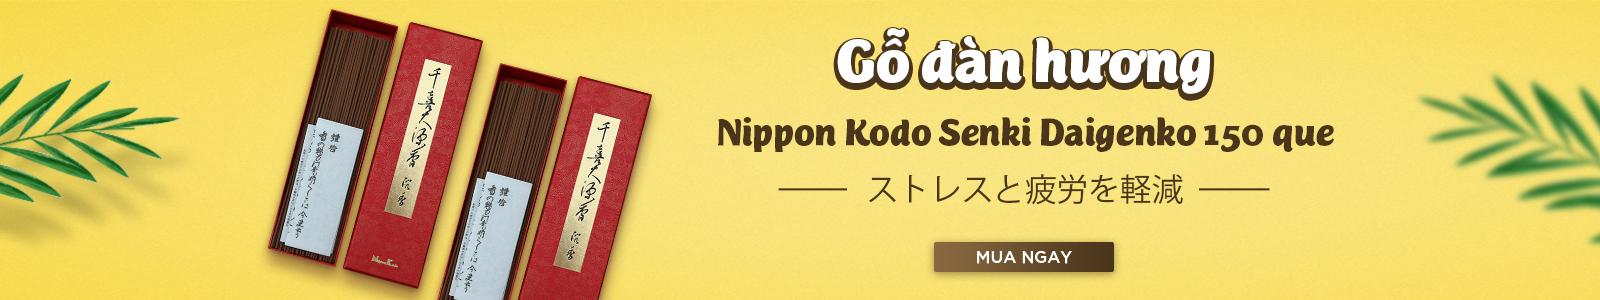 Gỗ đàn hương Nippon Kodo Senki Daigenko 150 que